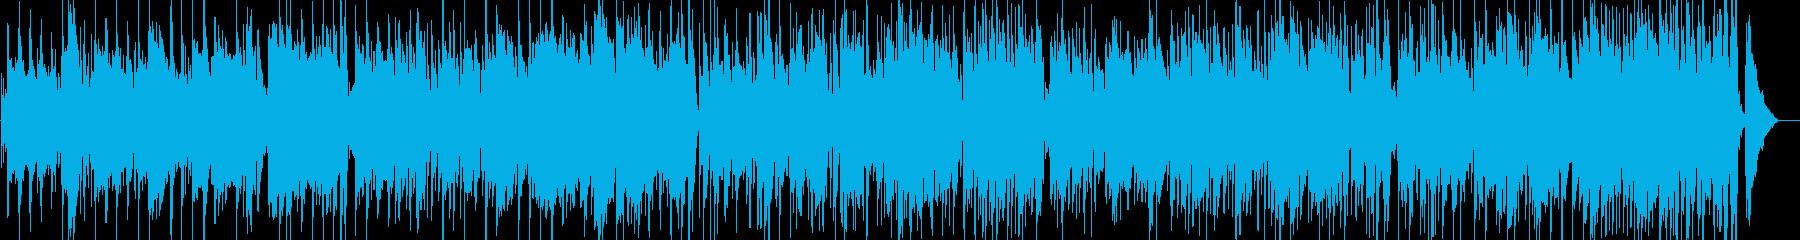 伝統的 ジャズ ビバップ ワールド...の再生済みの波形